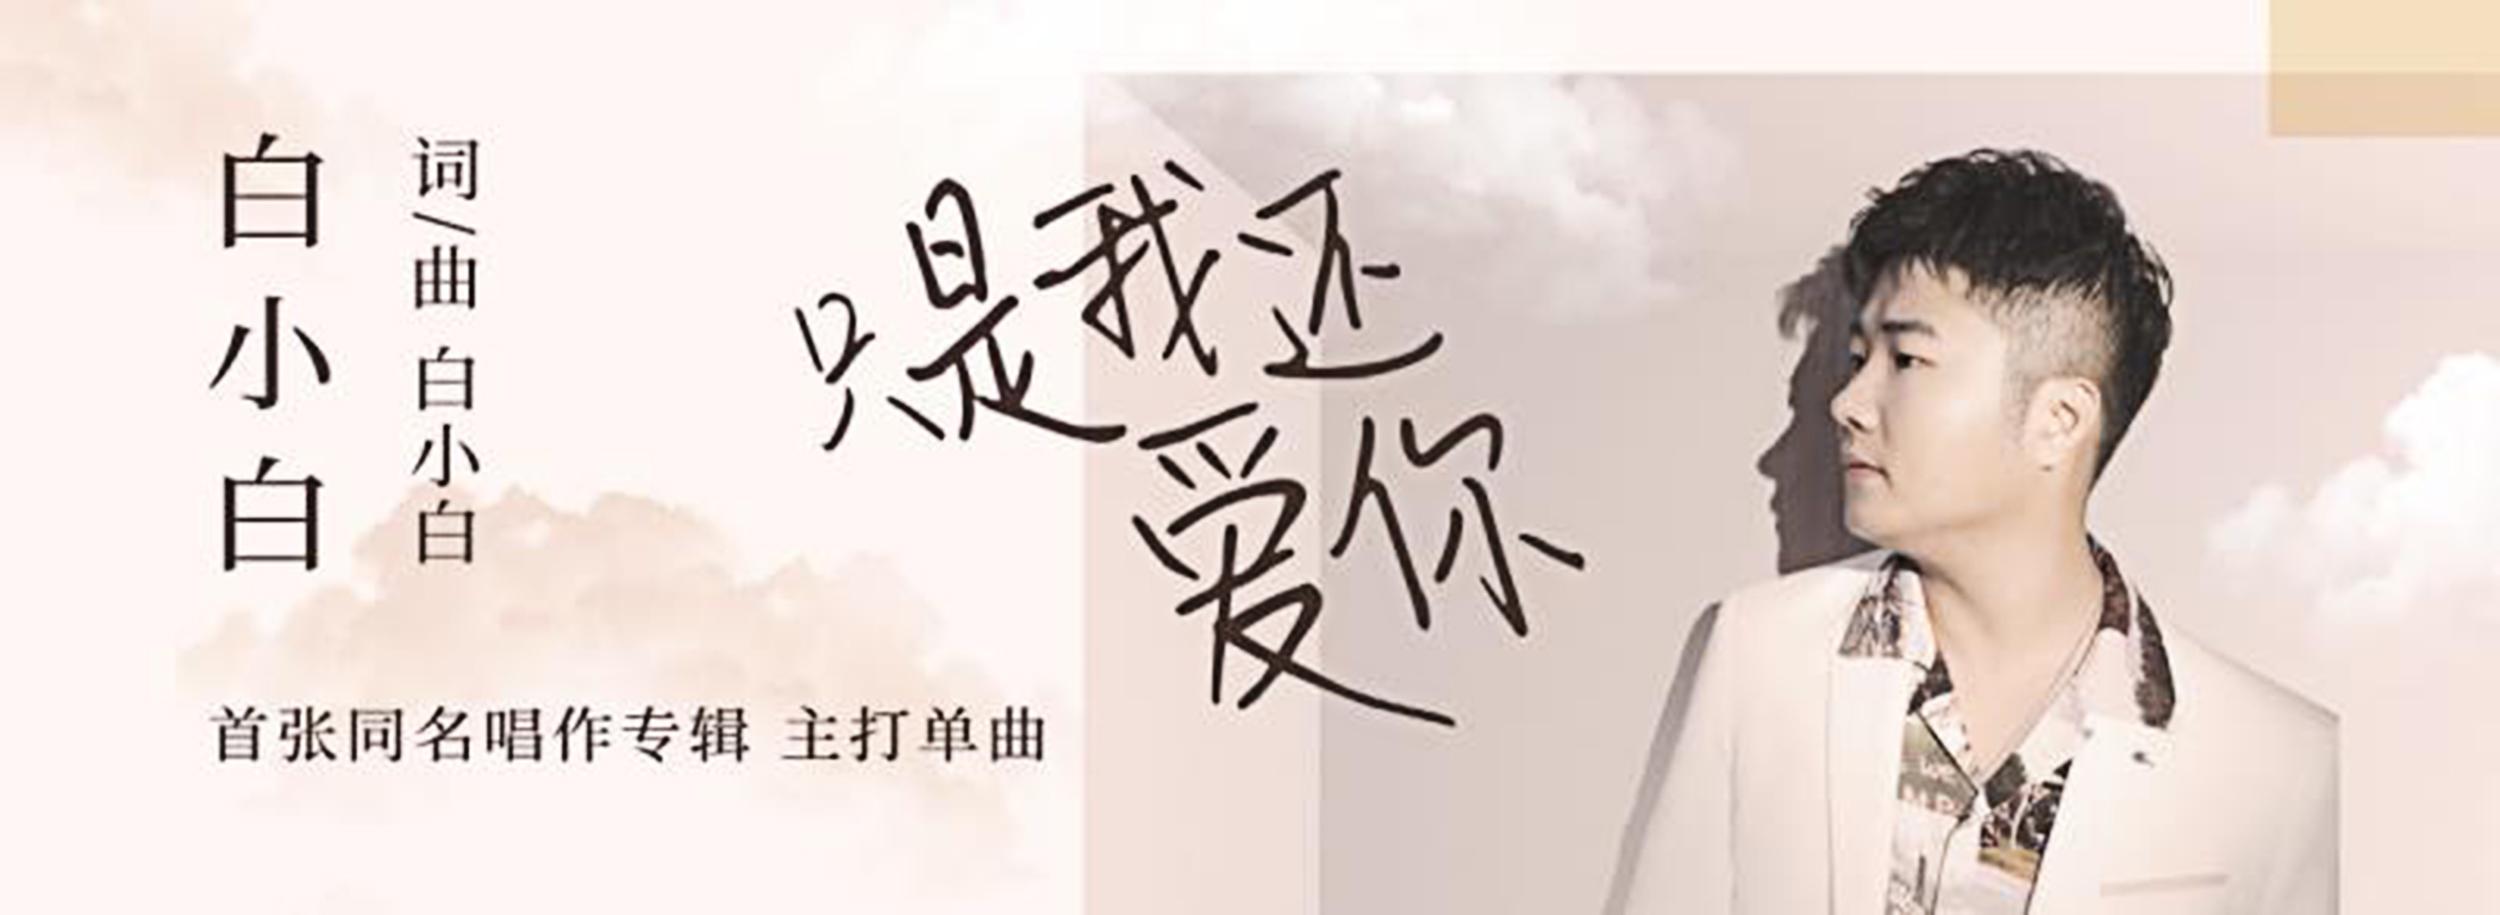 白小白《只是我还爱你》首发 自爆已经写不出太美的爱情